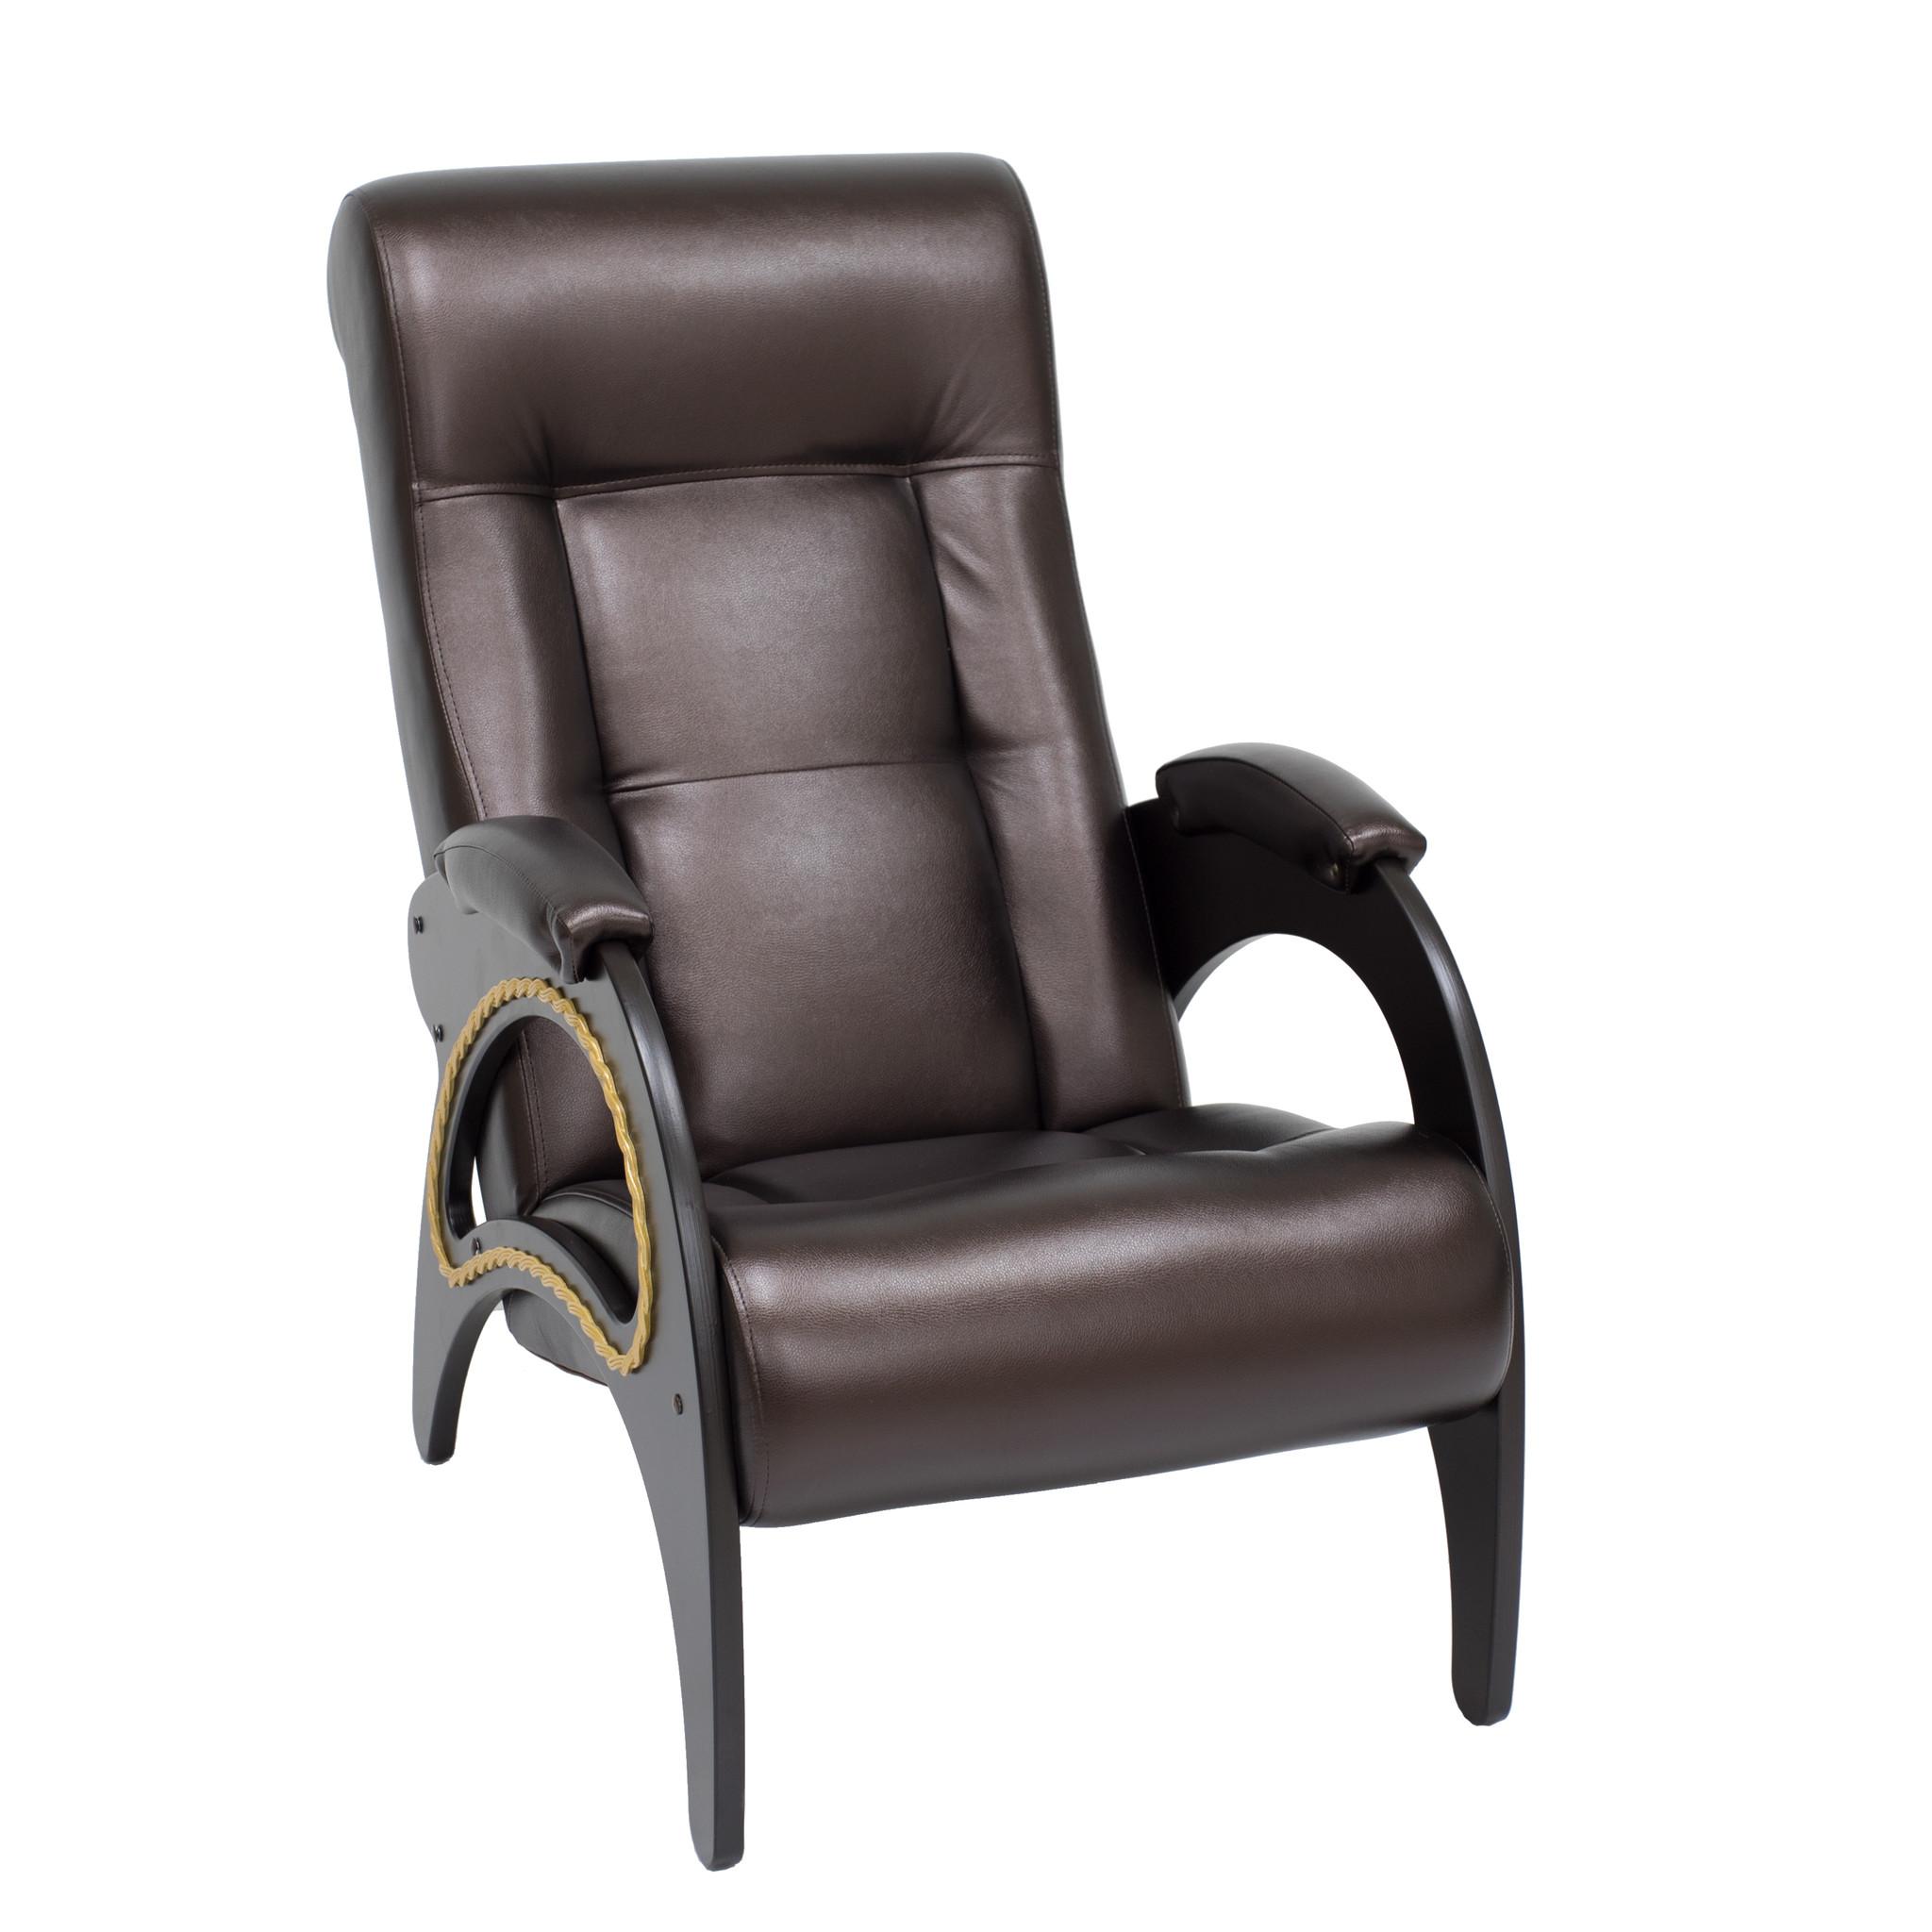 Кресло Комфорт model-41m41-venge-oregon120Удобное и элегантное кресло для отдыха. Анатомическая форма сиденья и спинки, а так же оптимальный угол ее наклона обеспечивают максимальный комфорт во время отдыха. Благодаря стильным тонким подлокотникам, отделанным лозой, кресло довольно компактно, но в то же время имеет широкое комфортное сиденье. Каркас изготовлен из дерева на высокотехнологичном оборудовании. Кресло выпускается в нескольких вариантах обивки – ткань и экокожа.